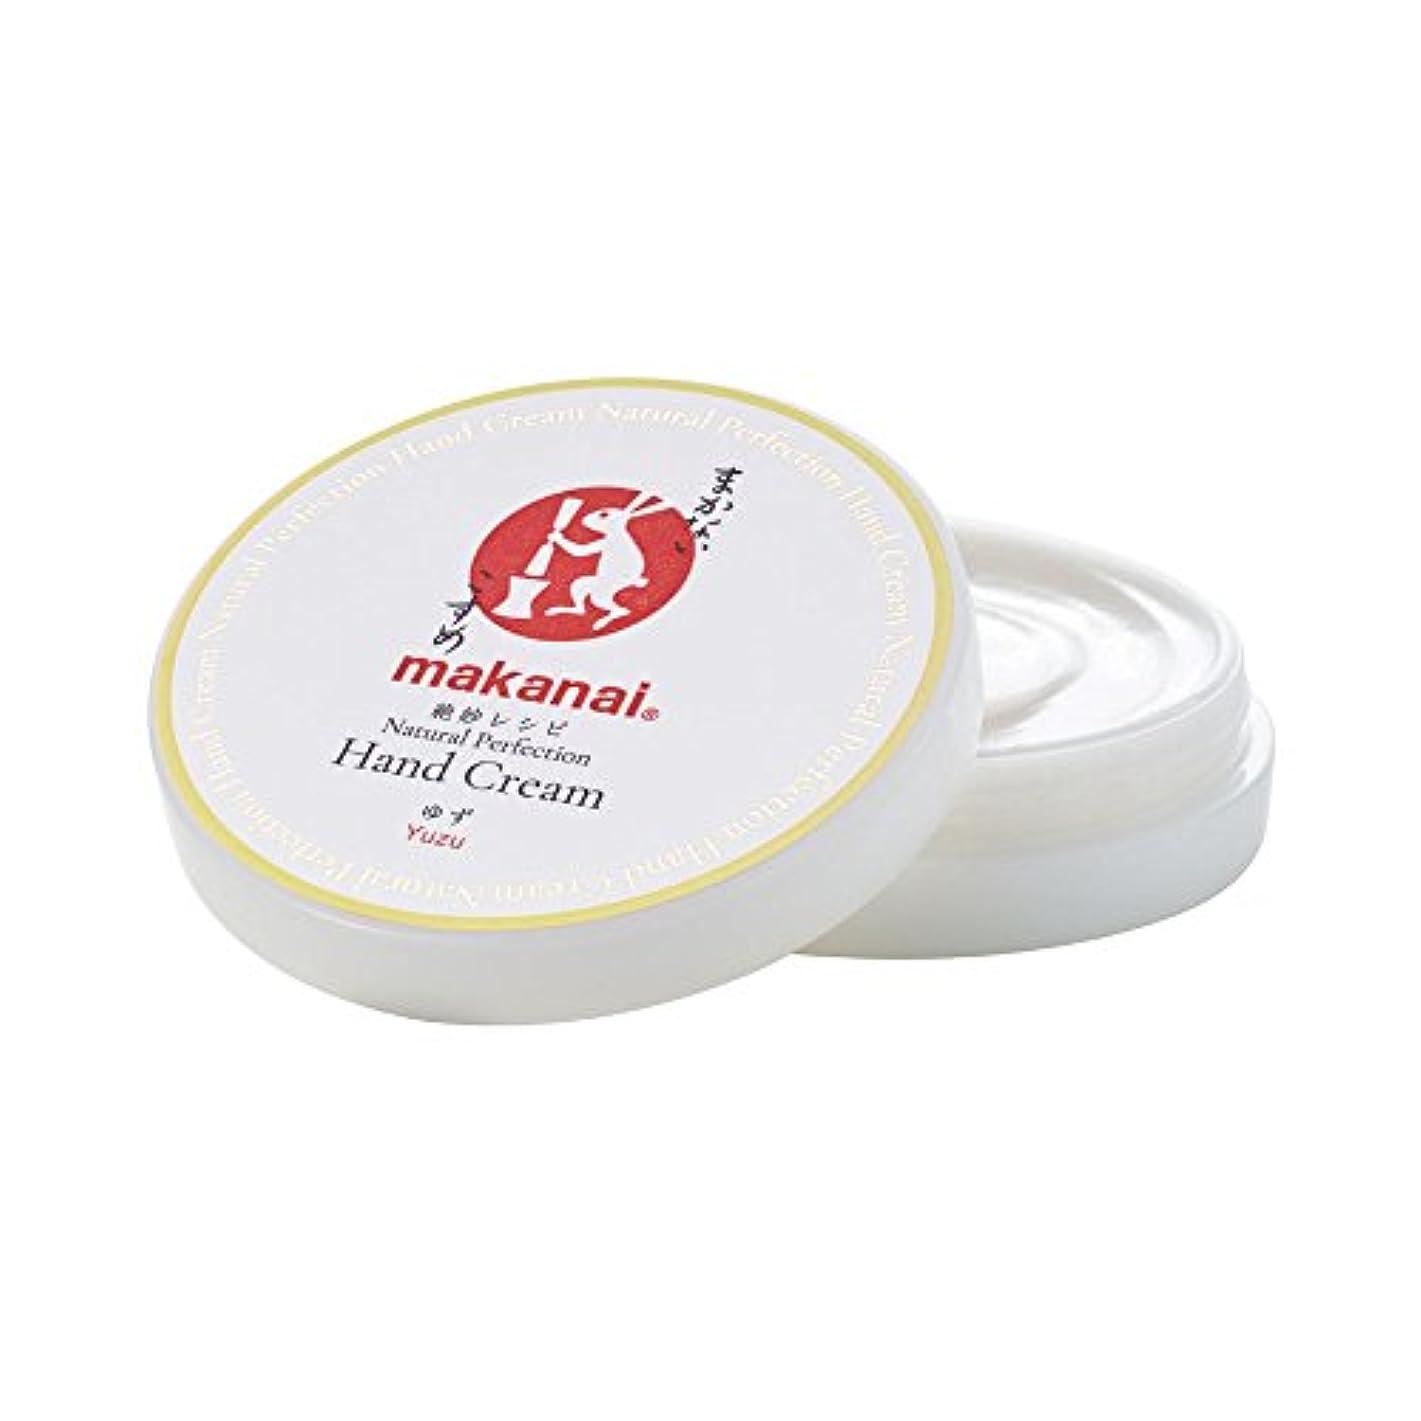 トレイル研磨剤同化まかないこすめ 絶妙レシピのハンドクリーム(ゆずの香り)30g